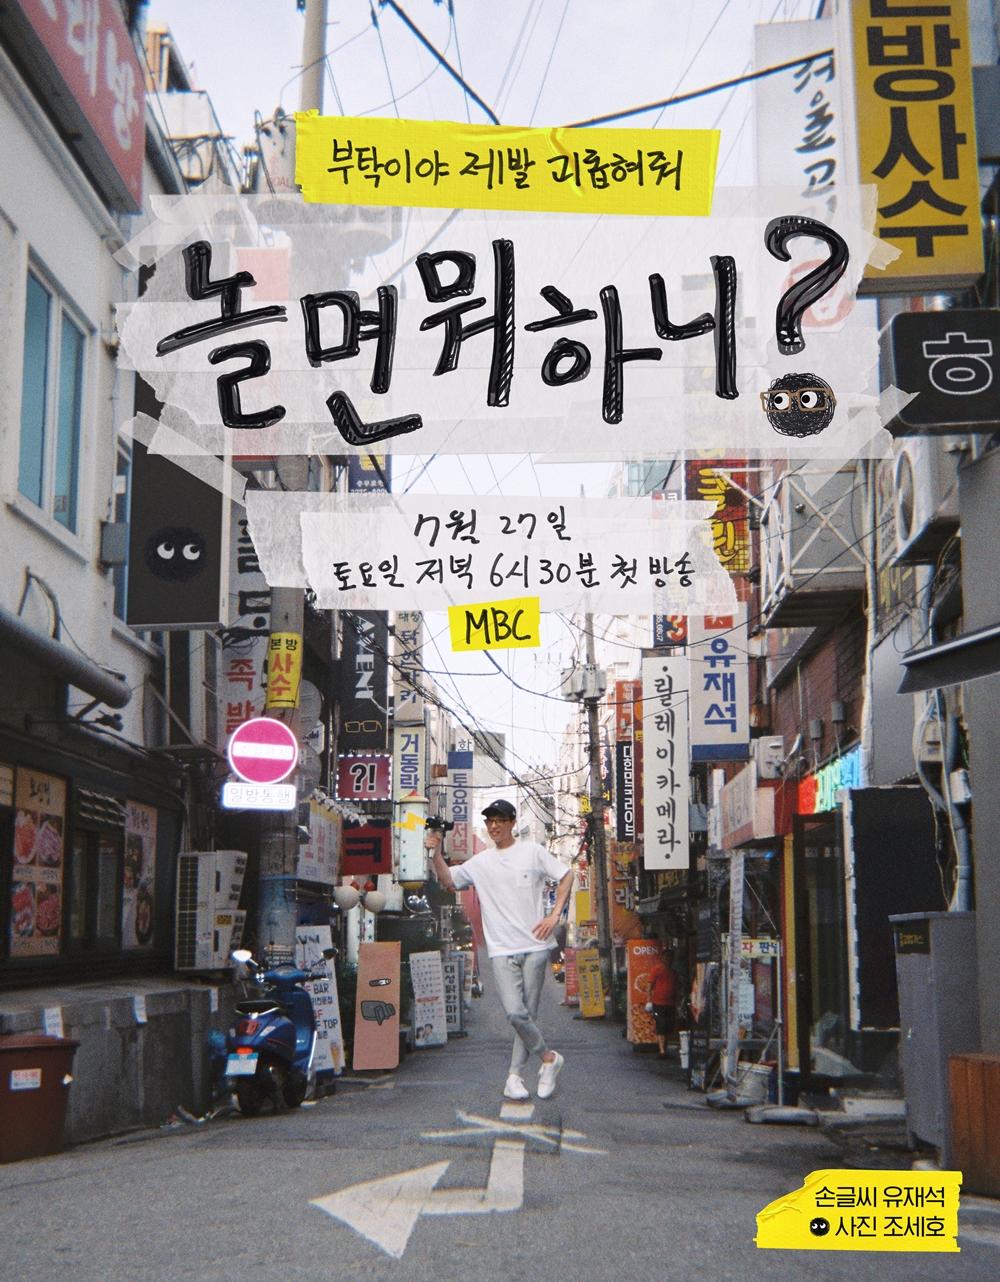 '놀면 뭐하니?' 유재석-조세호-아이린, 필름 카메라+손글씨 포스터 공개